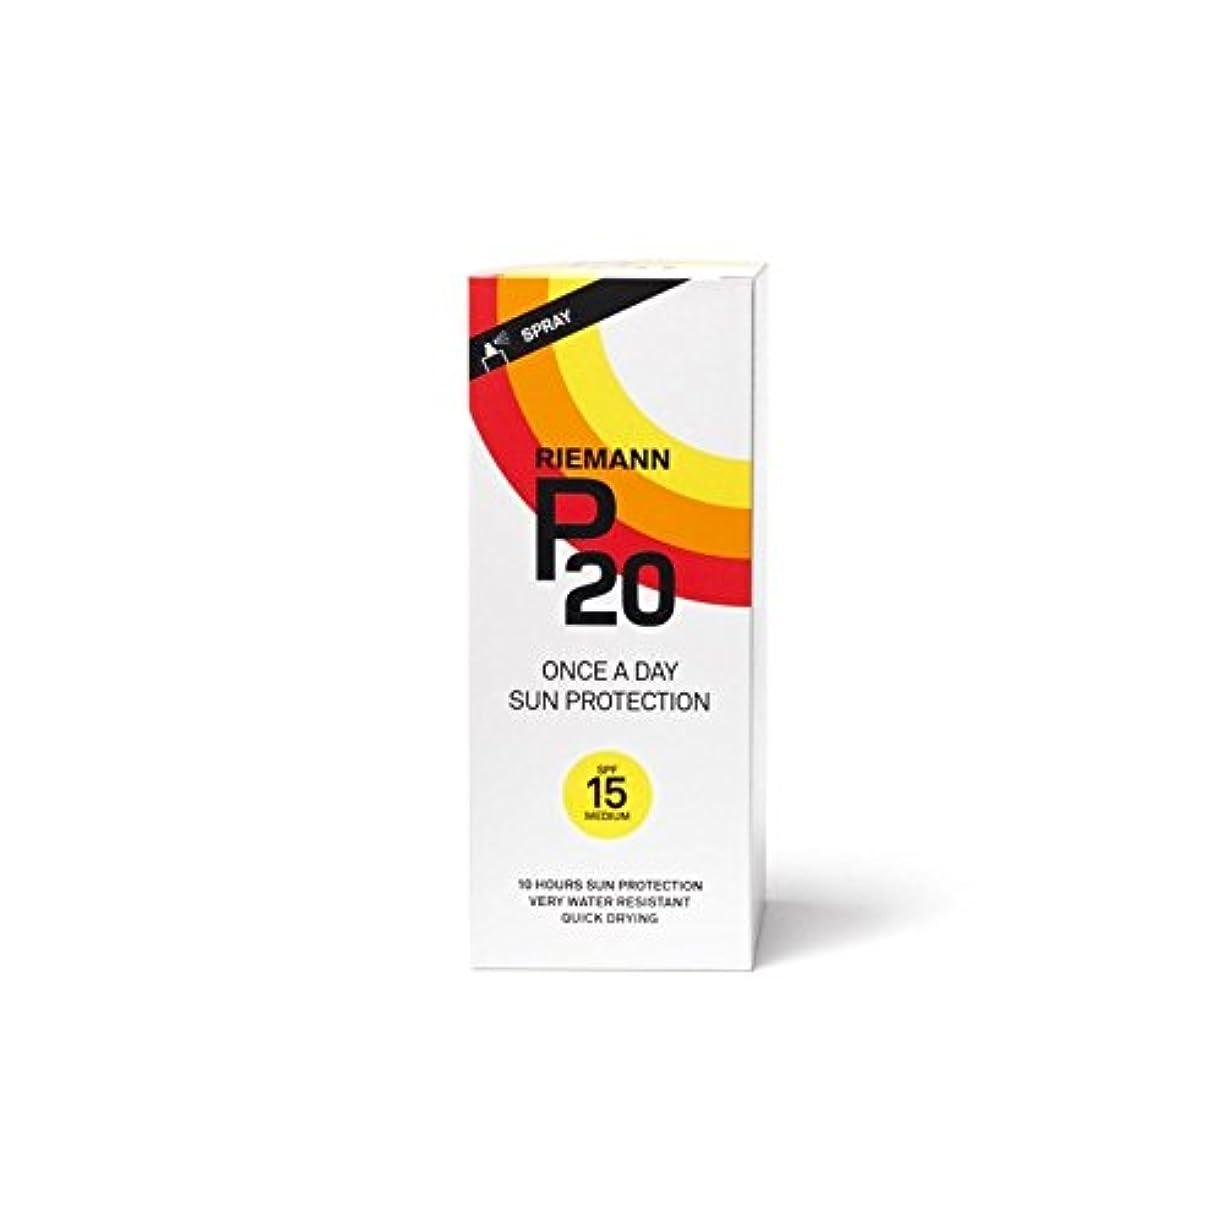 ステープルできればカセットリーマン20のサンフィルター200ミリリットル15 x2 - Riemann P20 Sun Filter 200ml SPF15 (Pack of 2) [並行輸入品]